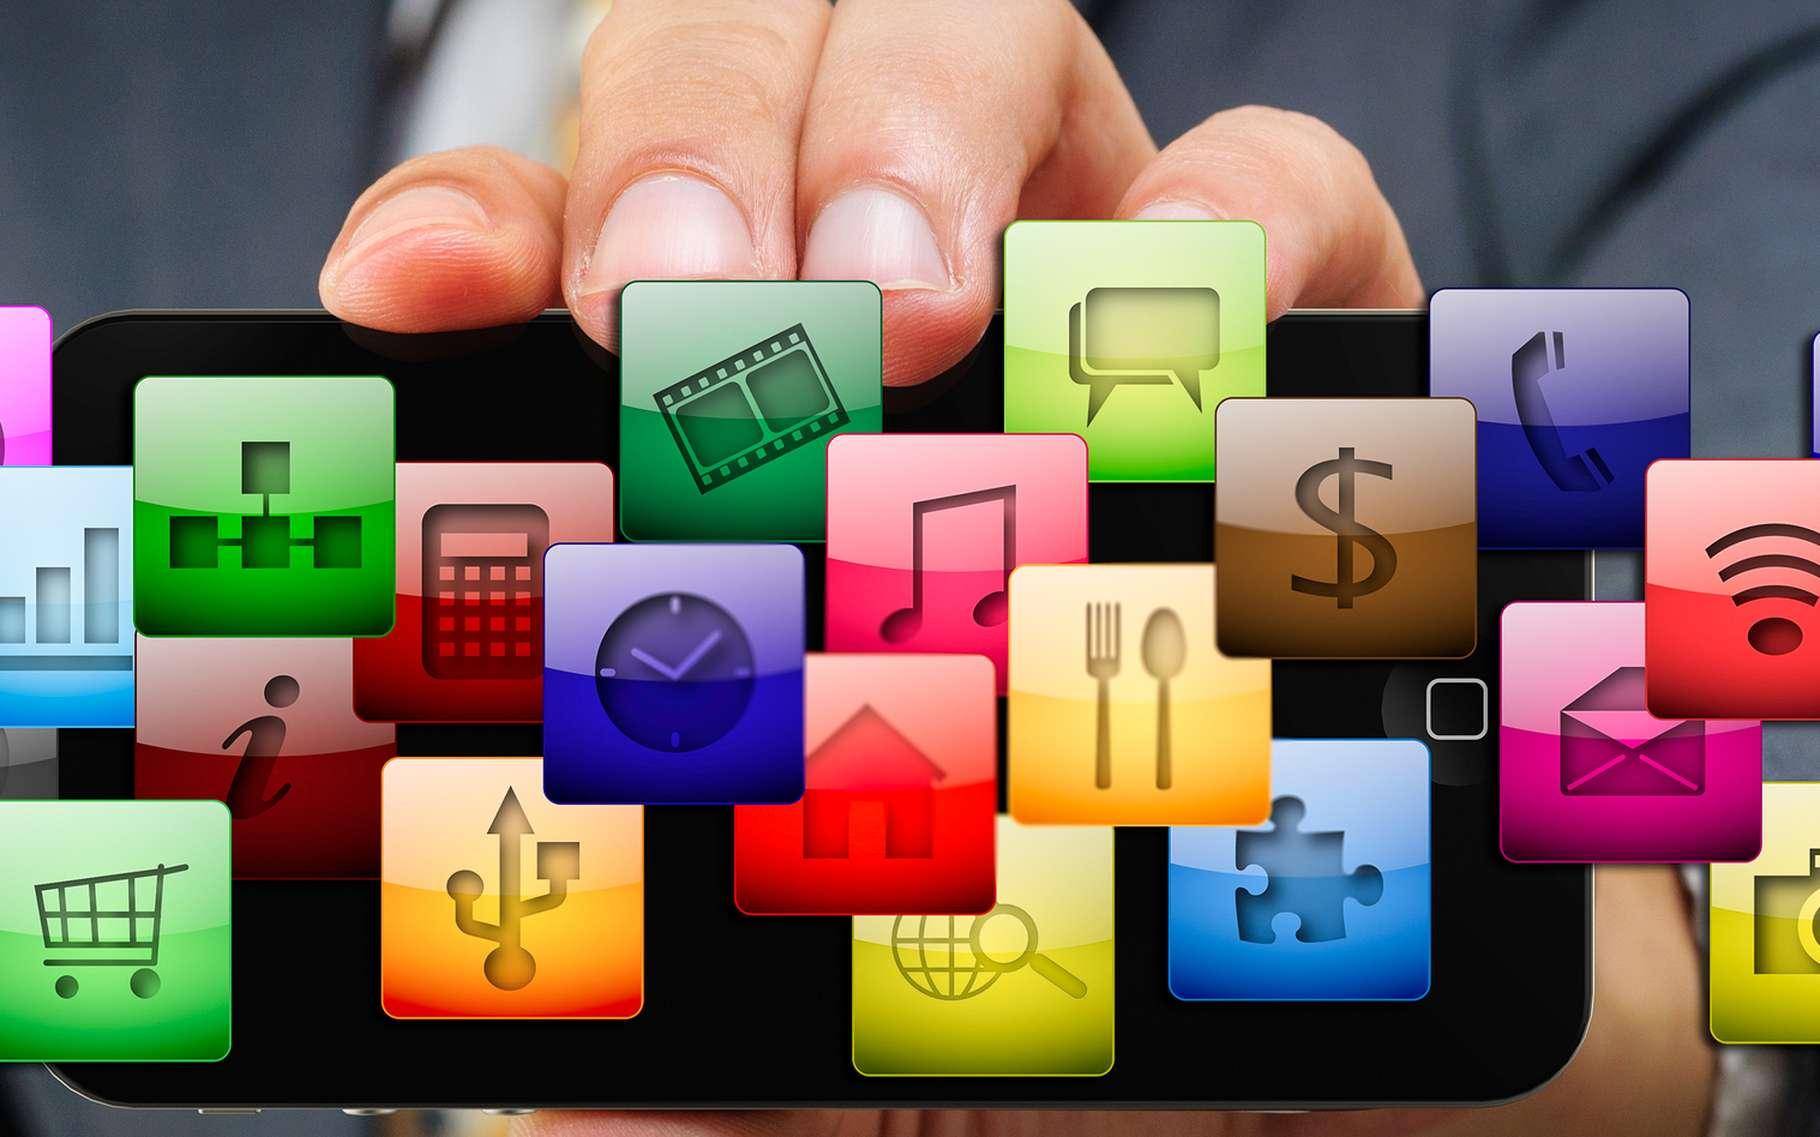 Sous Android, il est possible de réduire la consommation de données (notifications et applications). © Wichy, Shutterstock